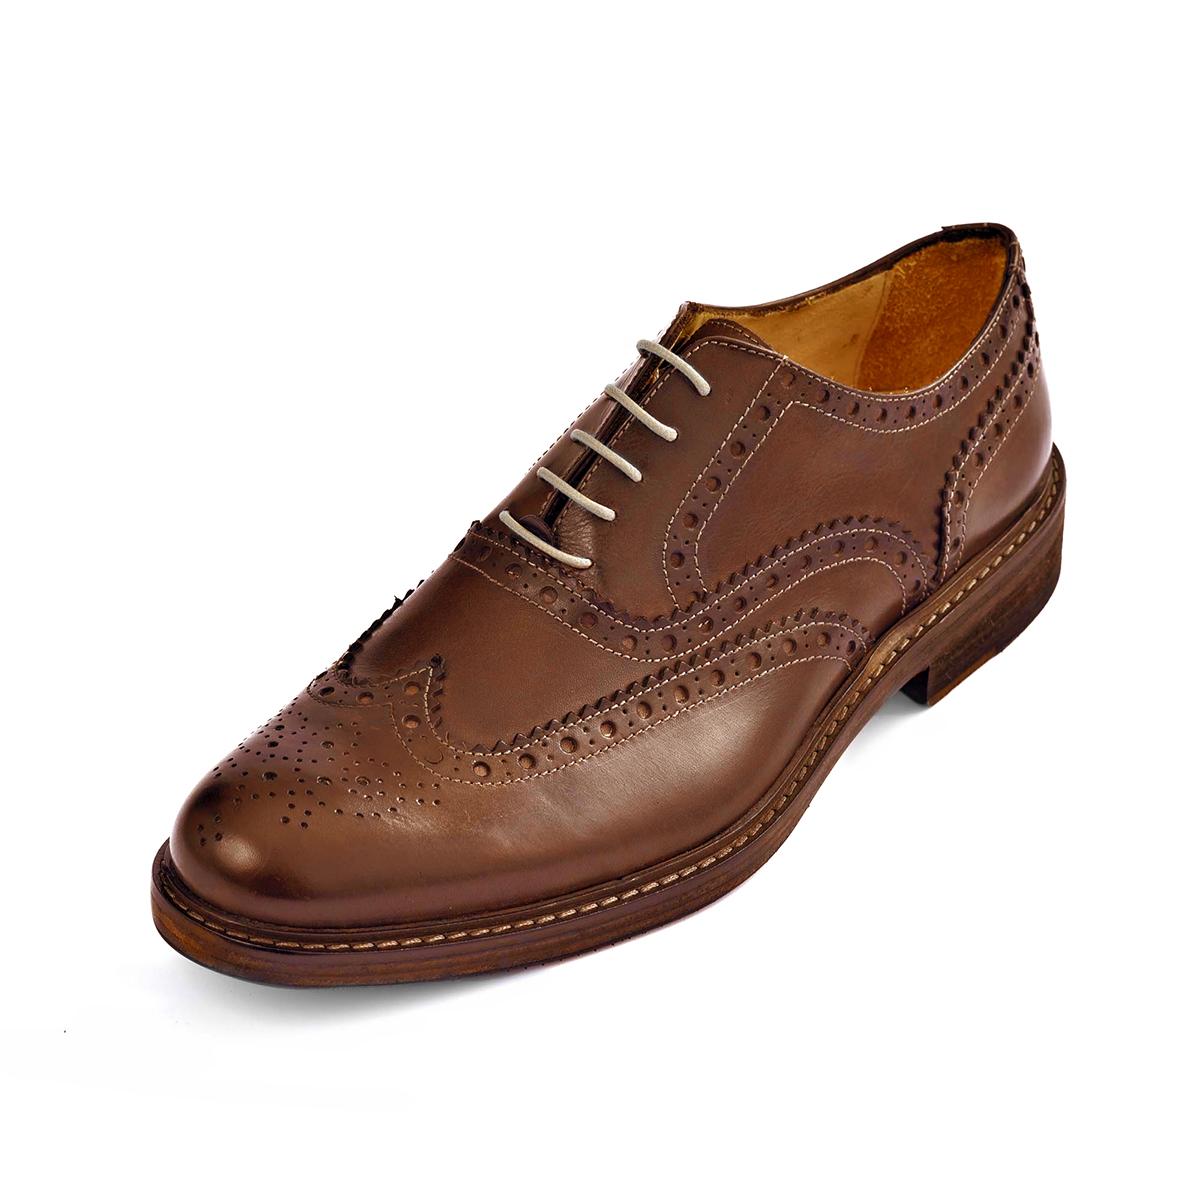 Vajenti scarpa e-commerce